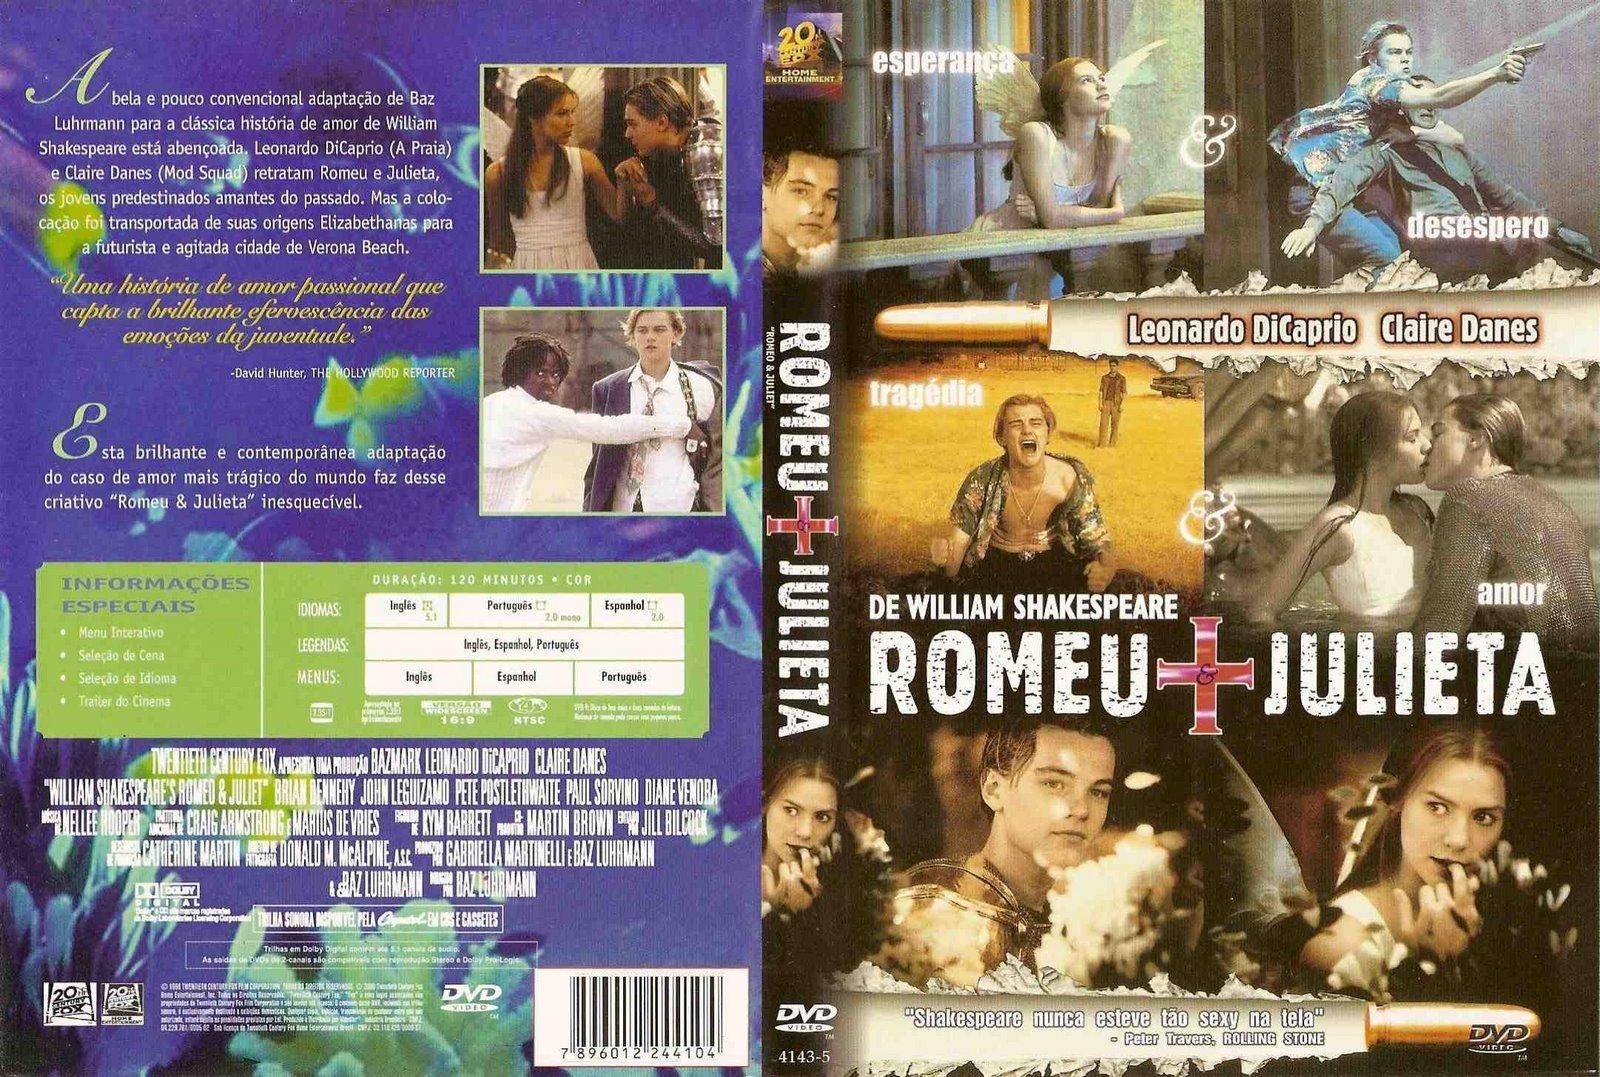 http://2.bp.blogspot.com/_UIkyBpFTkN0/TDzCPEbf5lI/AAAAAAAAAPA/KAw110gIGdI/s1600/Romeu_%26_Julieta.jpg